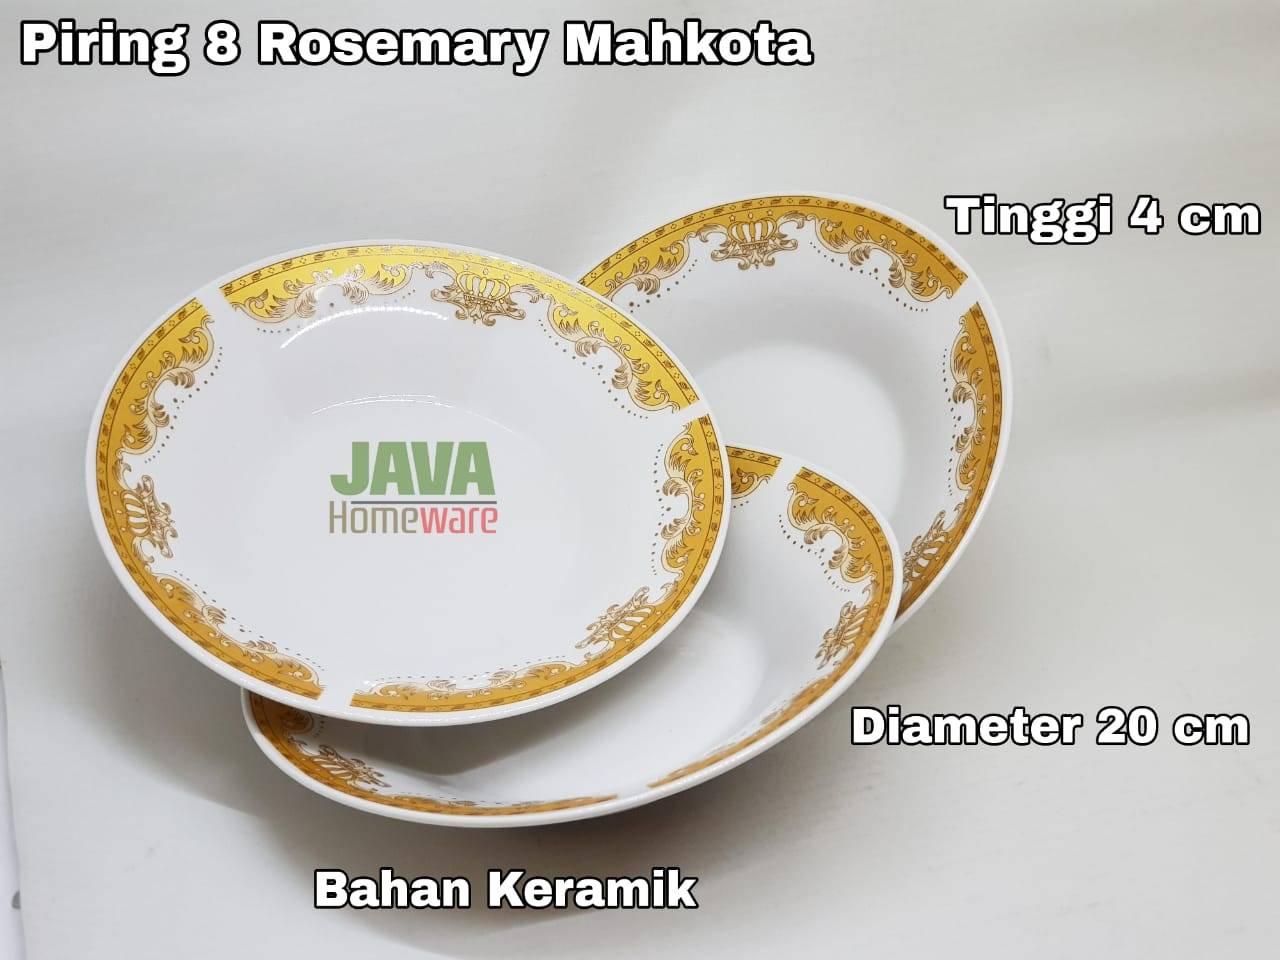 Piring 8 Rosemary Mahkota